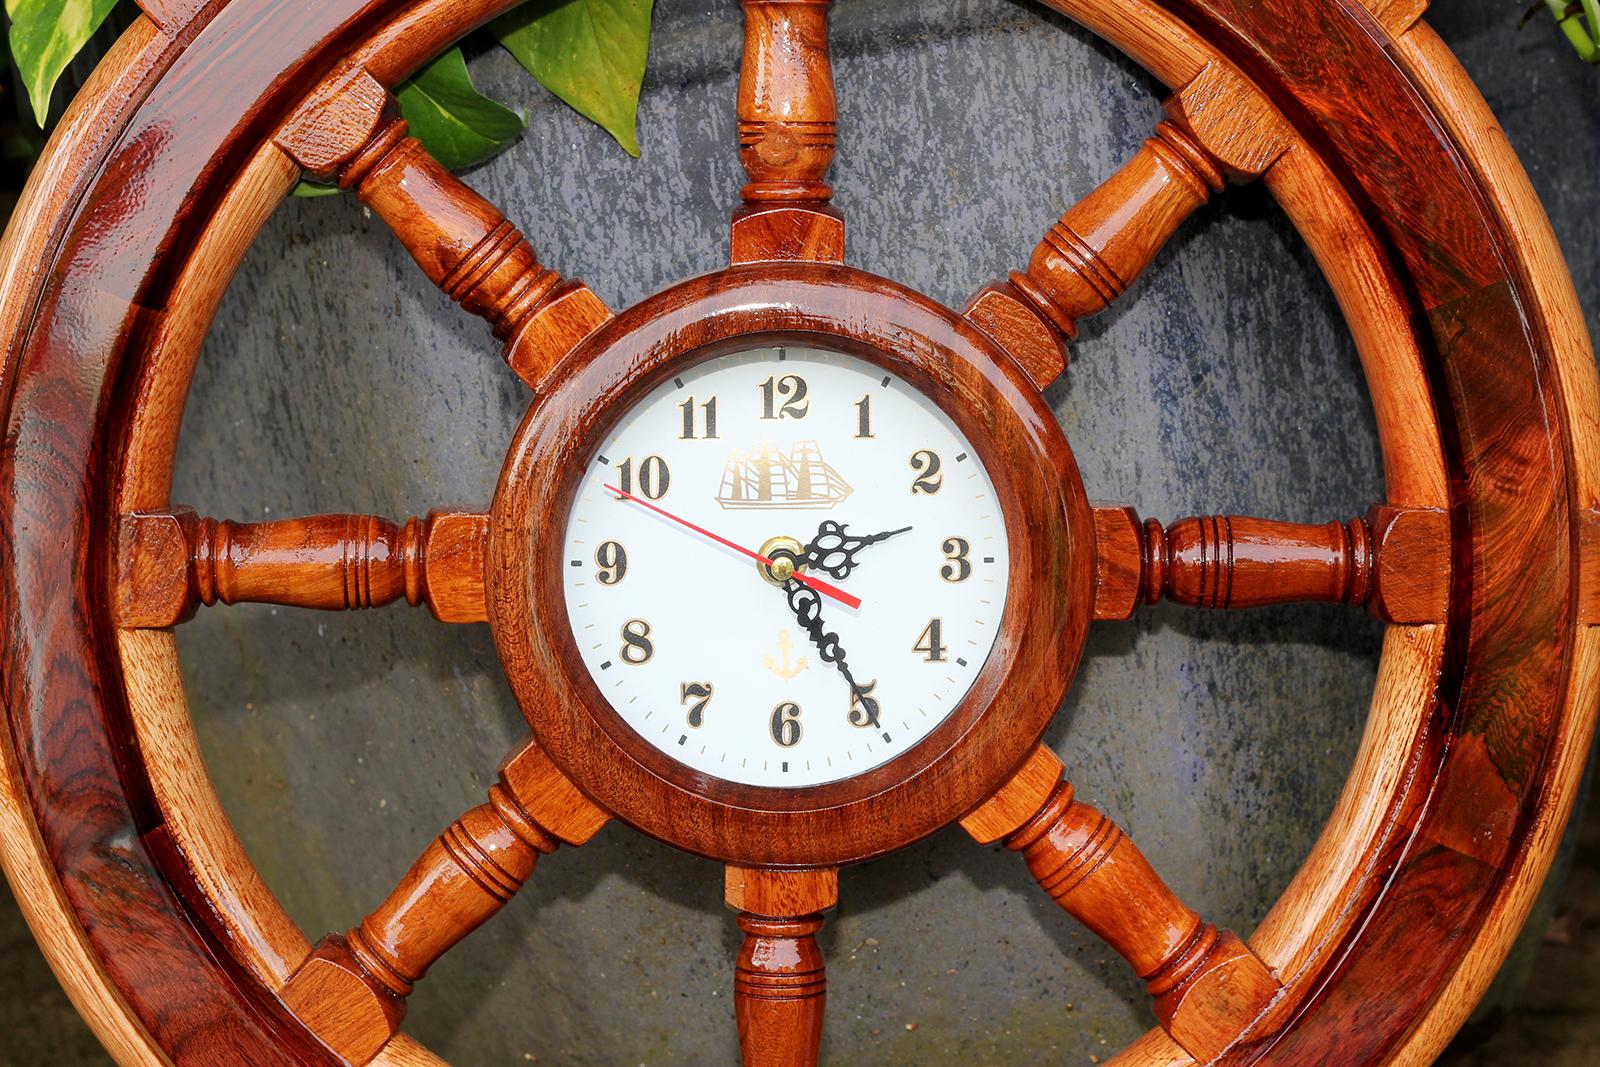 Vô lăng bánh lái tàu gỗ Ø60cm - Gỗ Căm Xe + Gỗ Cẩm Lai - Có đồng hồ, trang trí nhà cửa - phòng khách - bàn làm việc, quà tặng tân gia - sinh nhật - khai trương